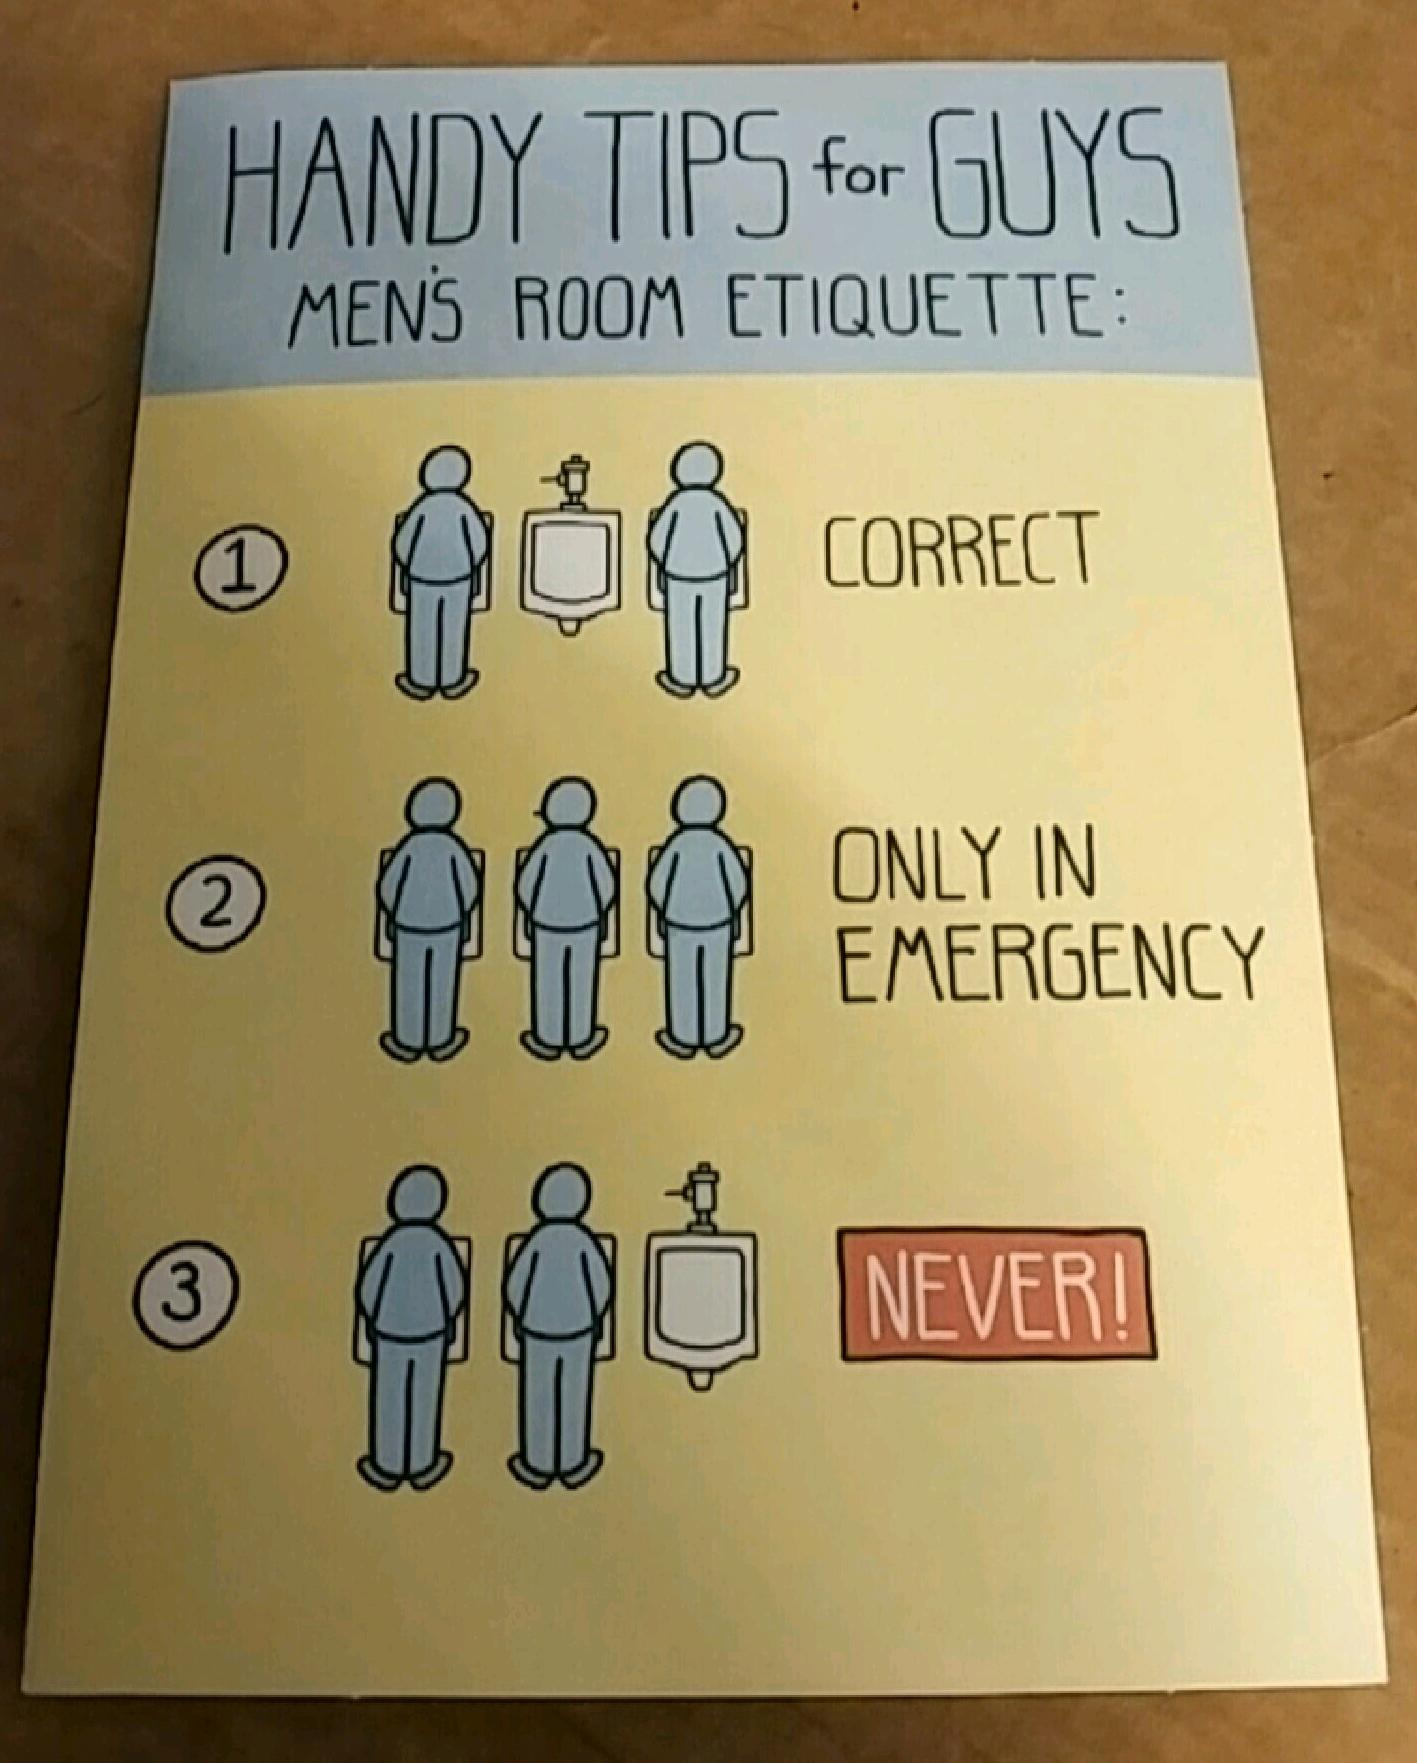 Handy tips for guys